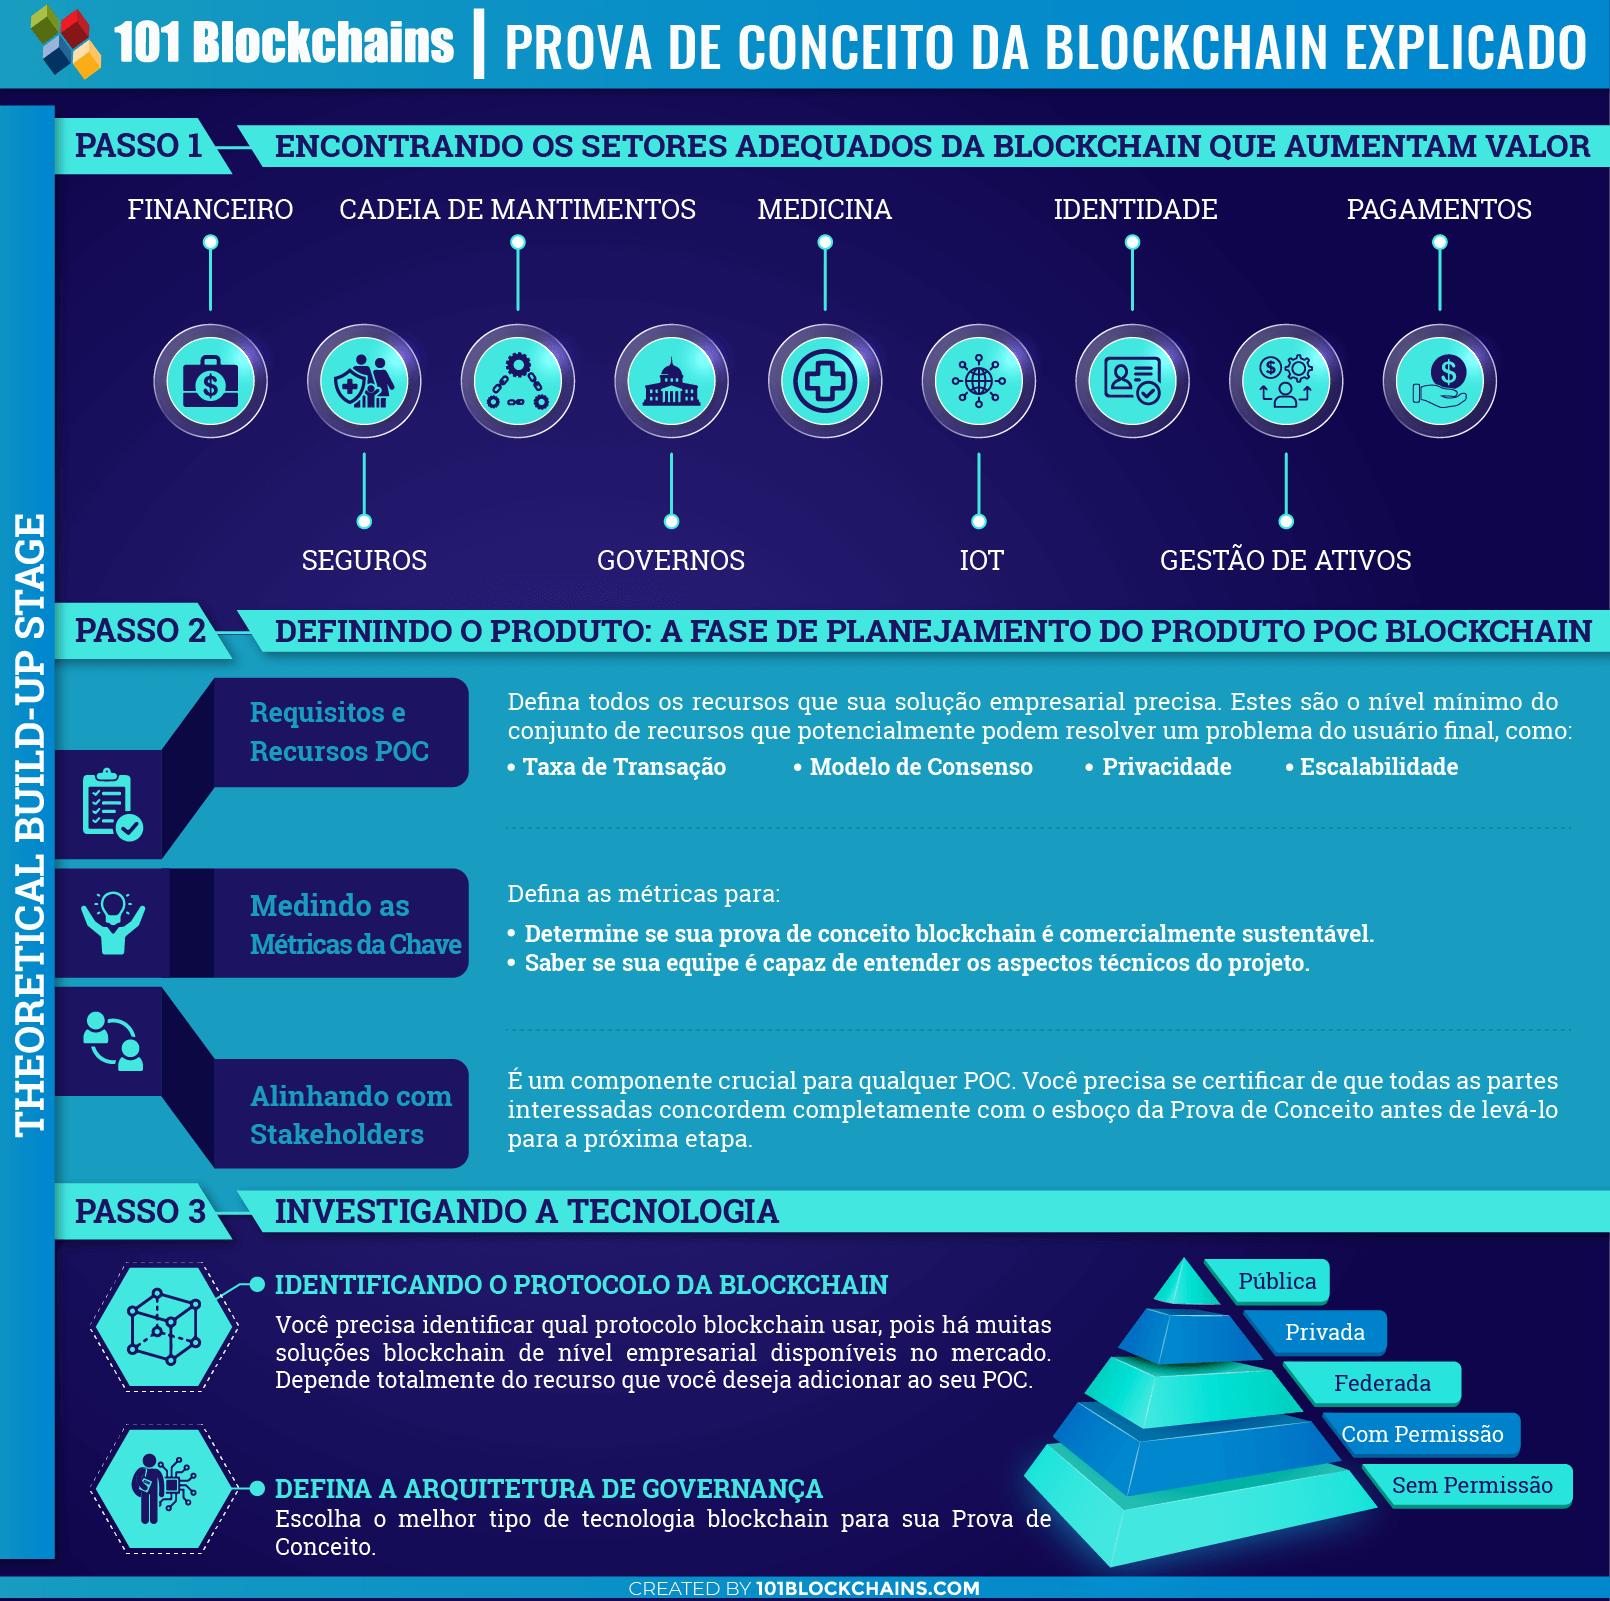 Prova de Conceito da Blockchain Explicado